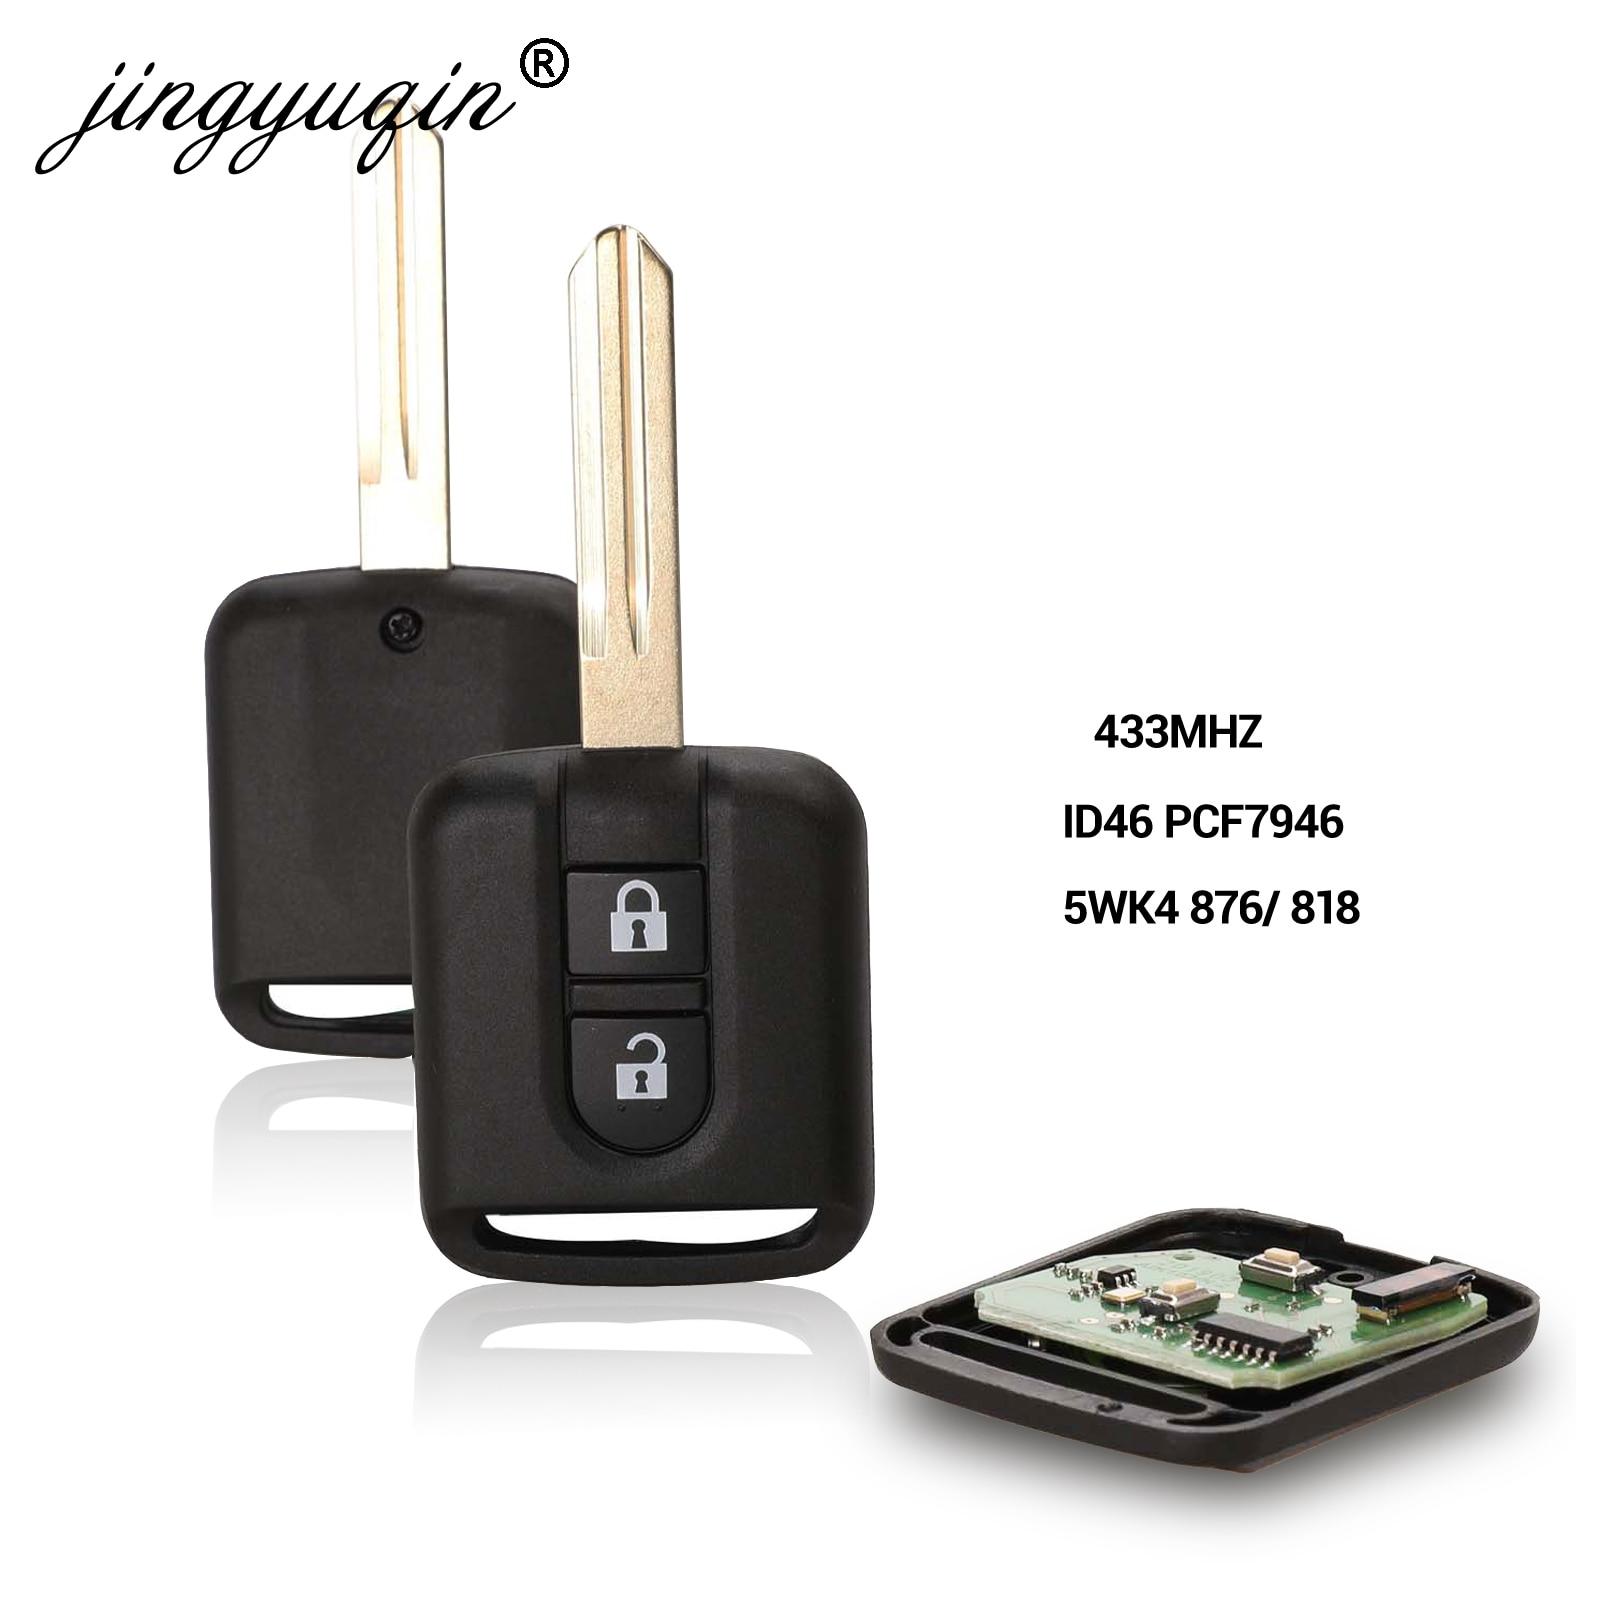 Jingyuqin 5WK4 876/ 818 433MHz ID46 Chip Key Fob For Nissan Elgrand X-TRAIL Qashqai Navara Micra Note NV200 2 Button Remote Key